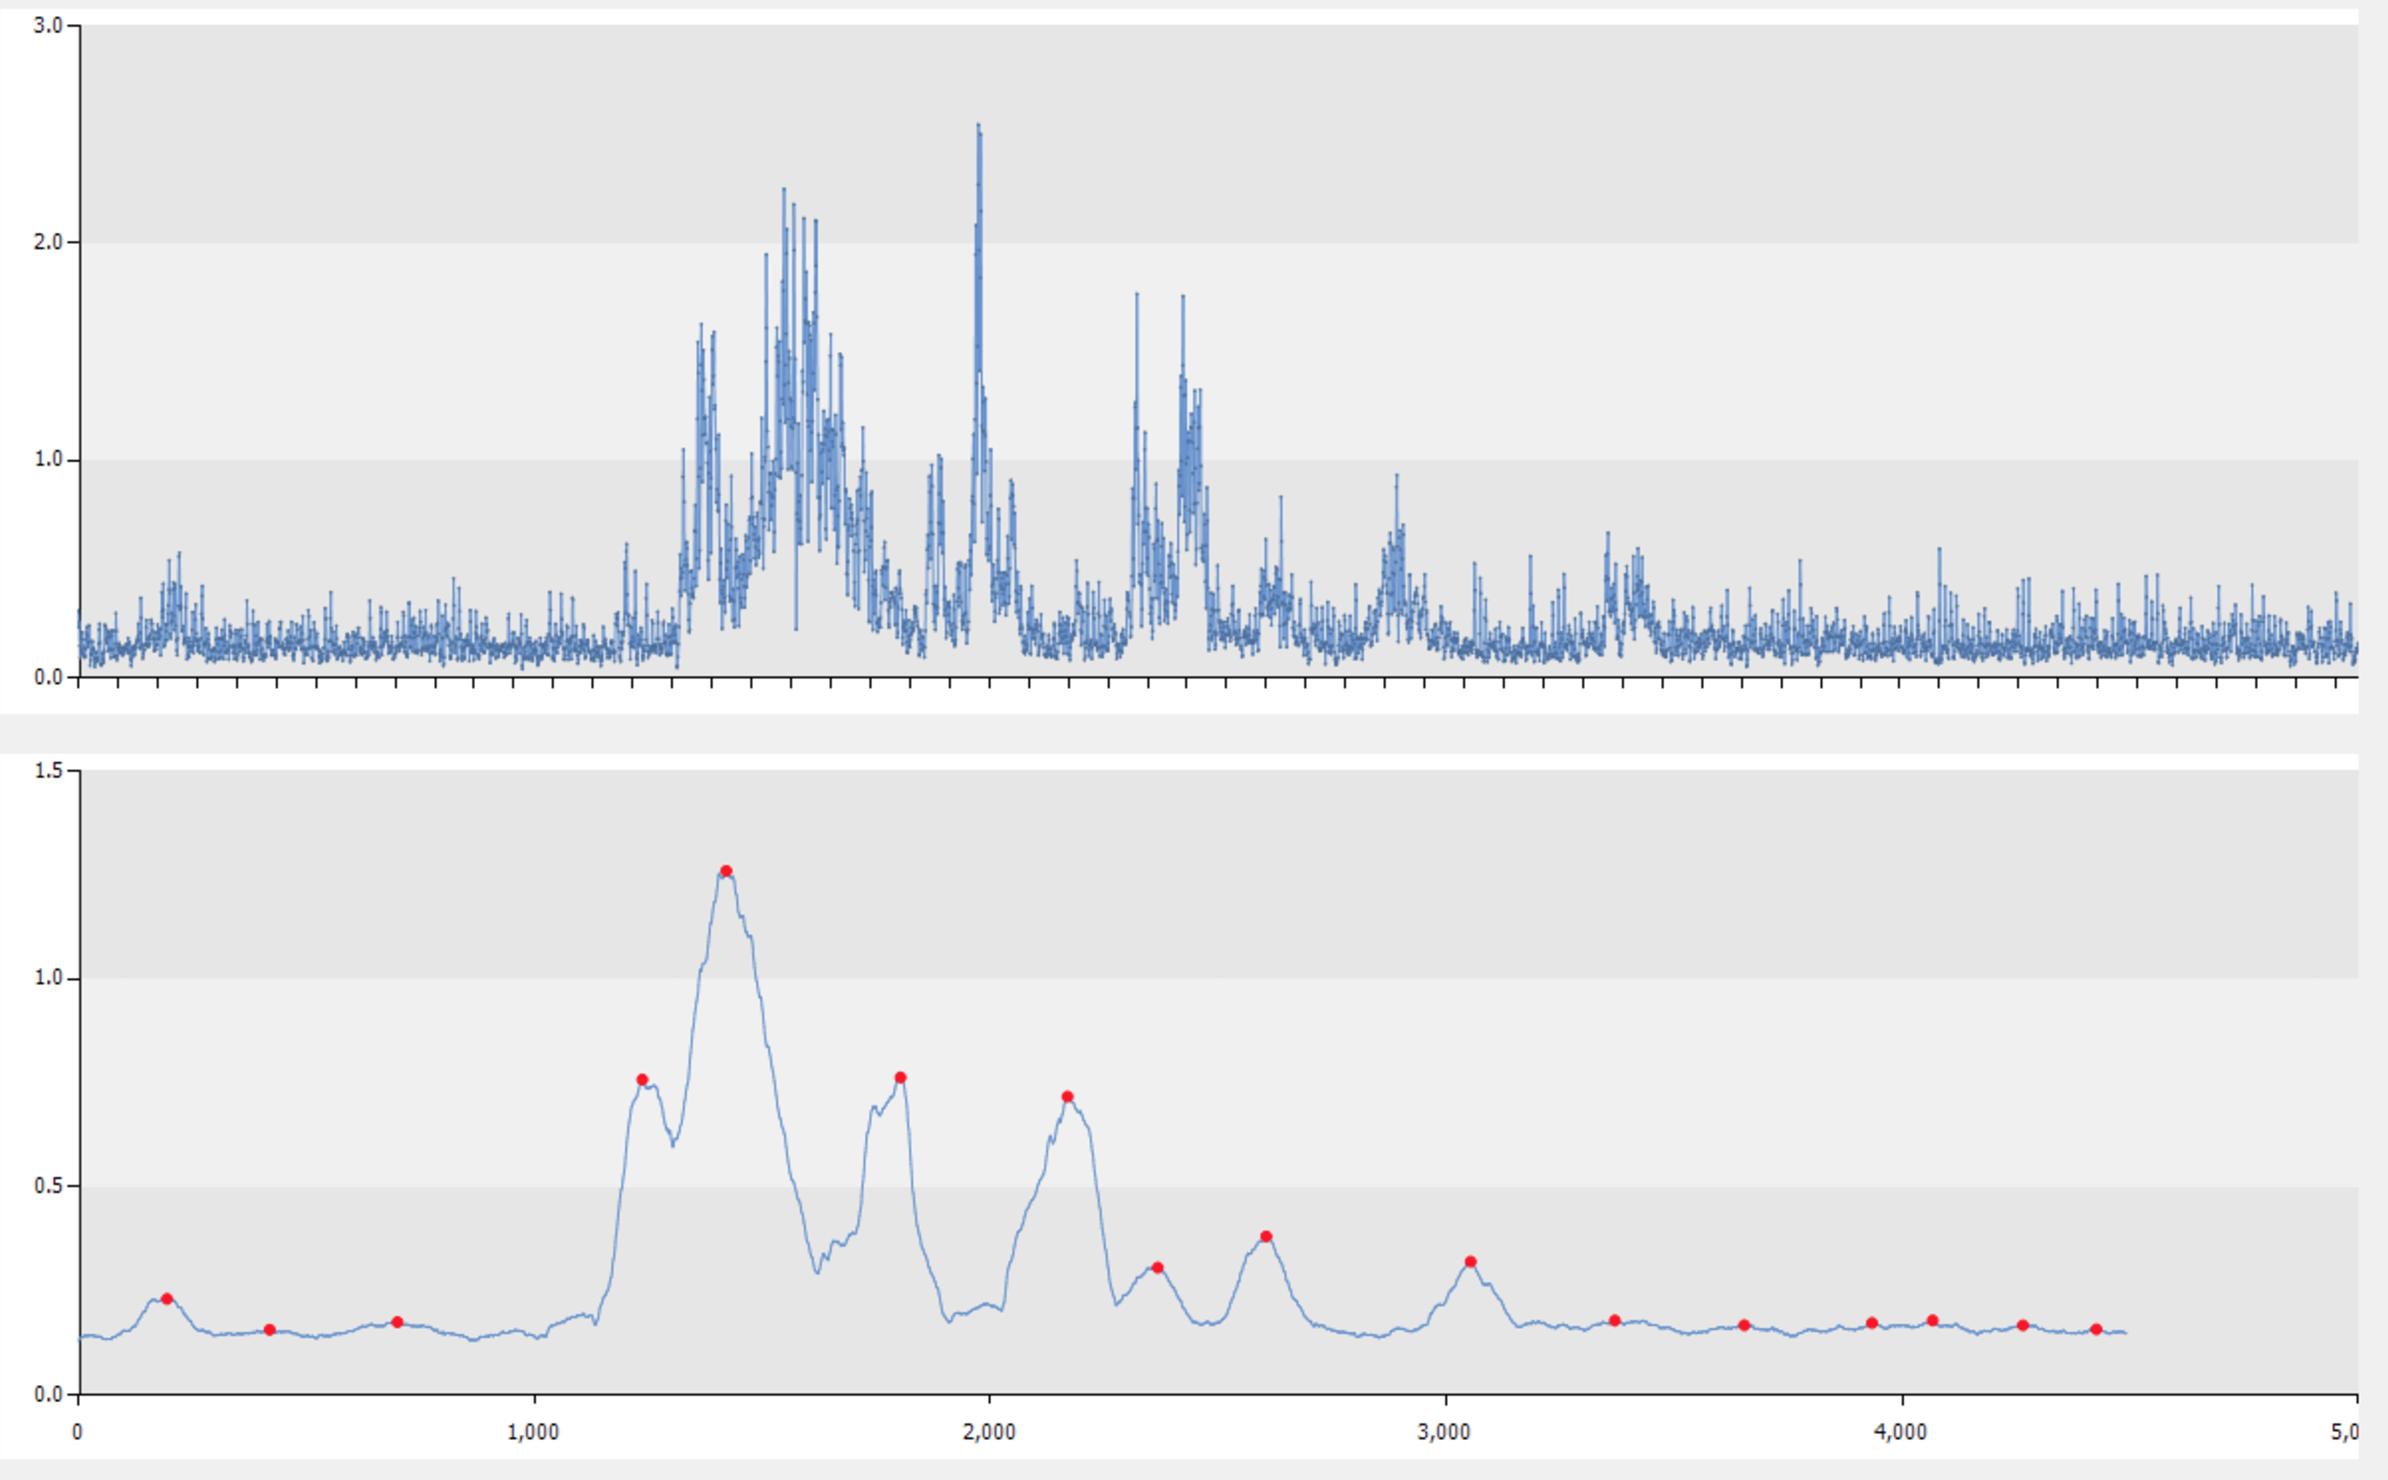 히포차트 4.3 - 매틀랩(matlab) 스무싱 기법 (smoothing), 피크 지점 찾기 (Peak Detection)